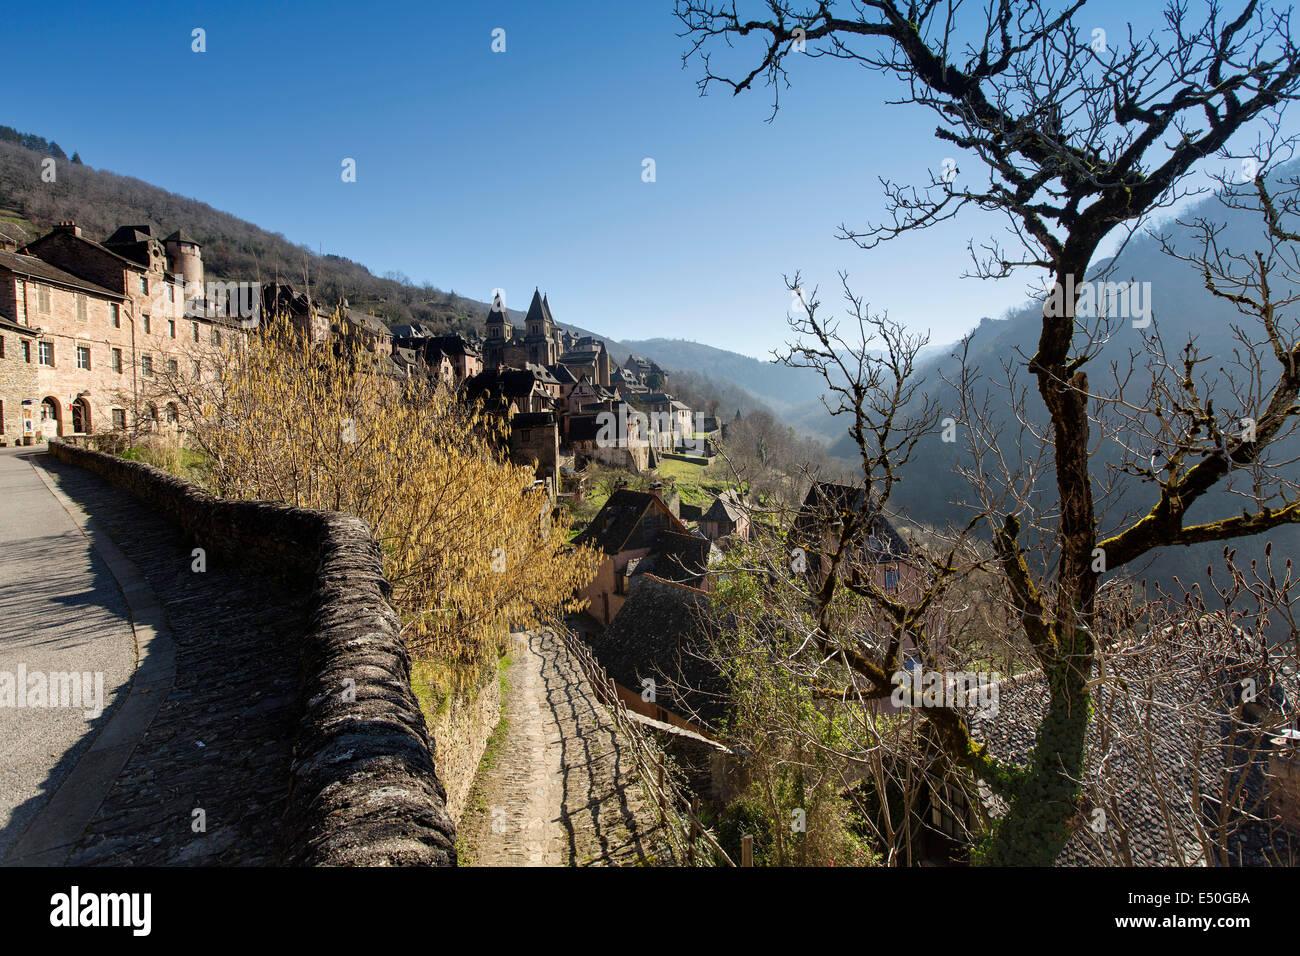 Conques Concas medieval village Saint James Way France - Stock Image